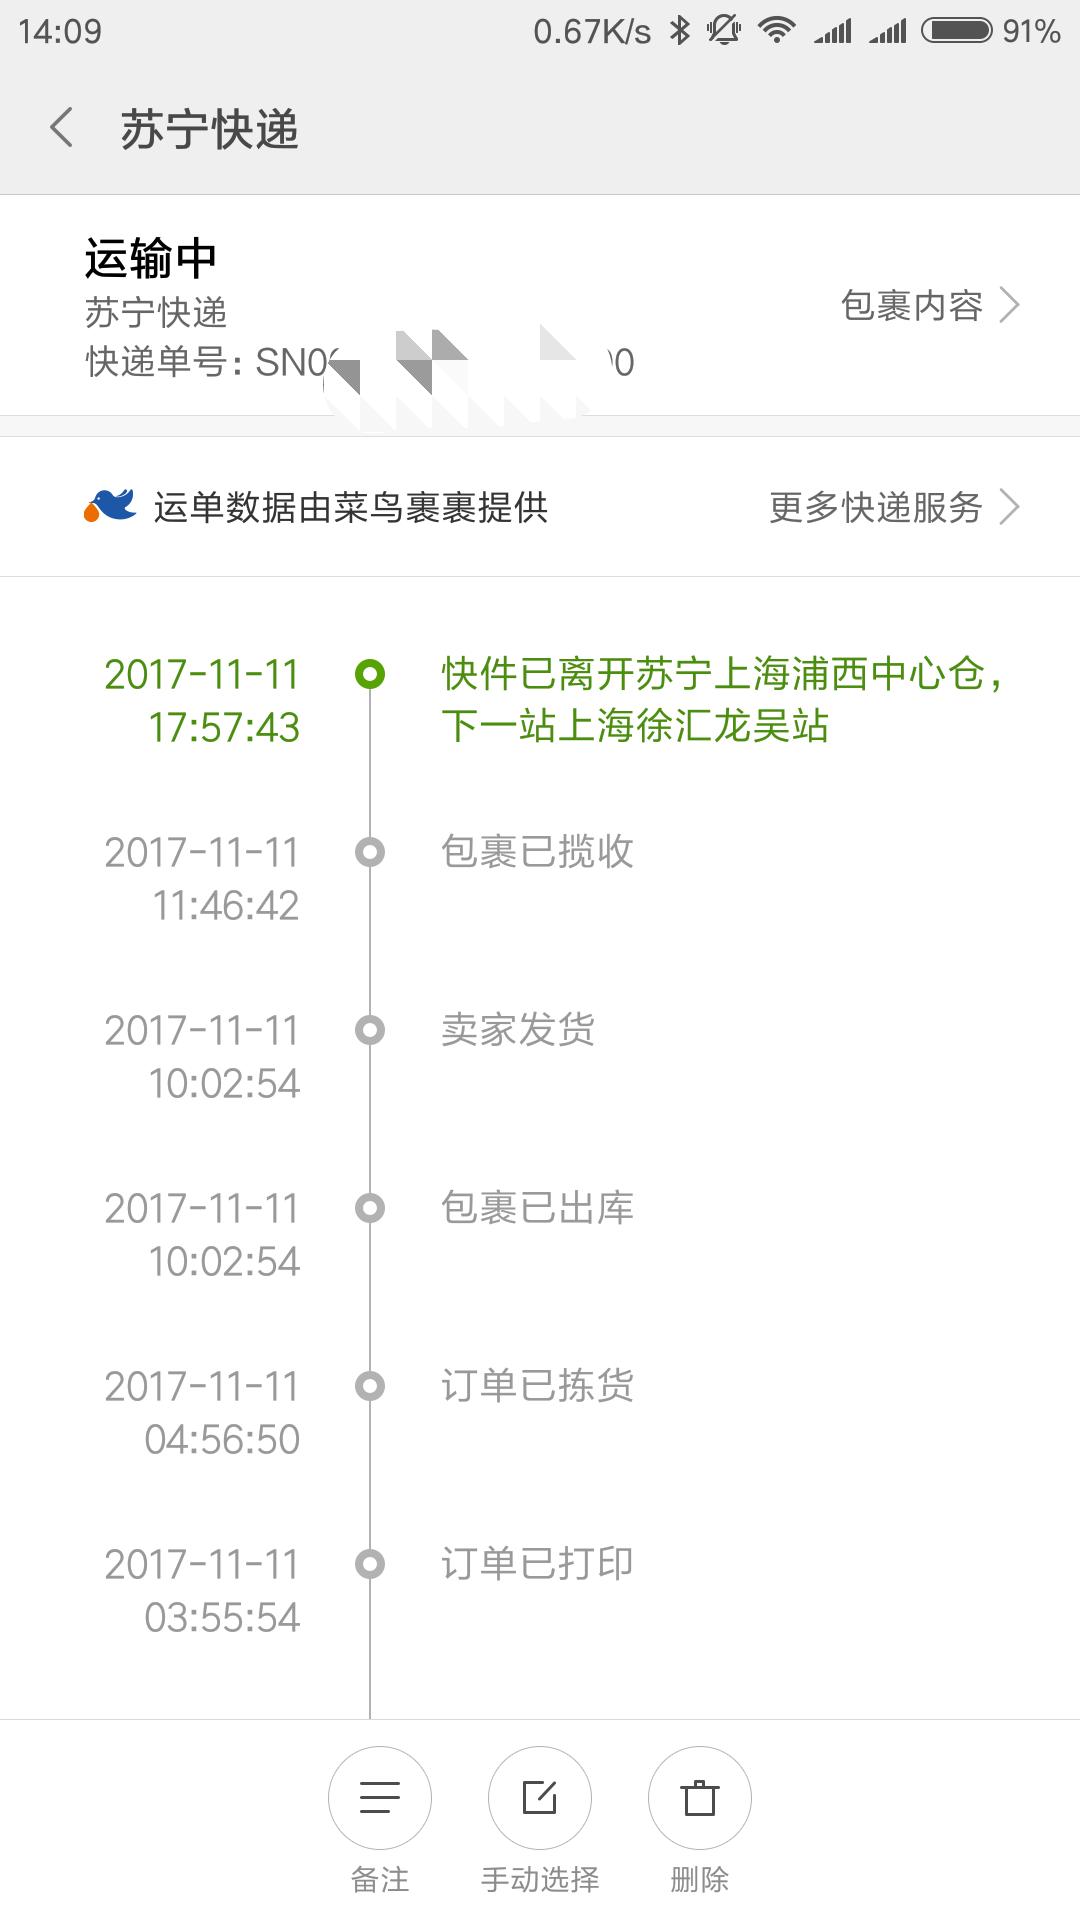 苏宁的快递为啥比京东慢这么多? - 知乎